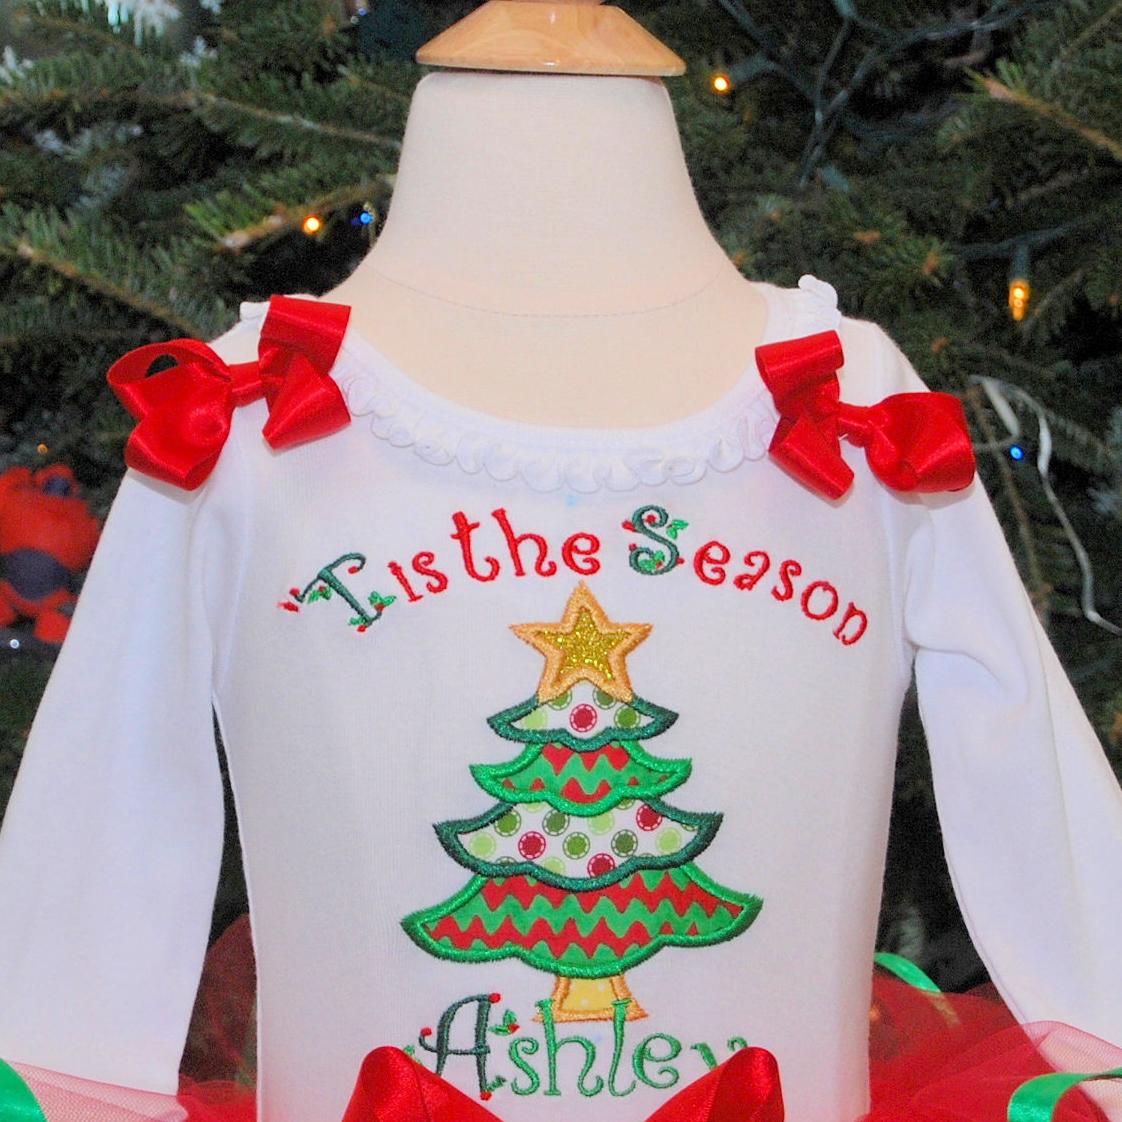 Tis the season Christmas Tree Design